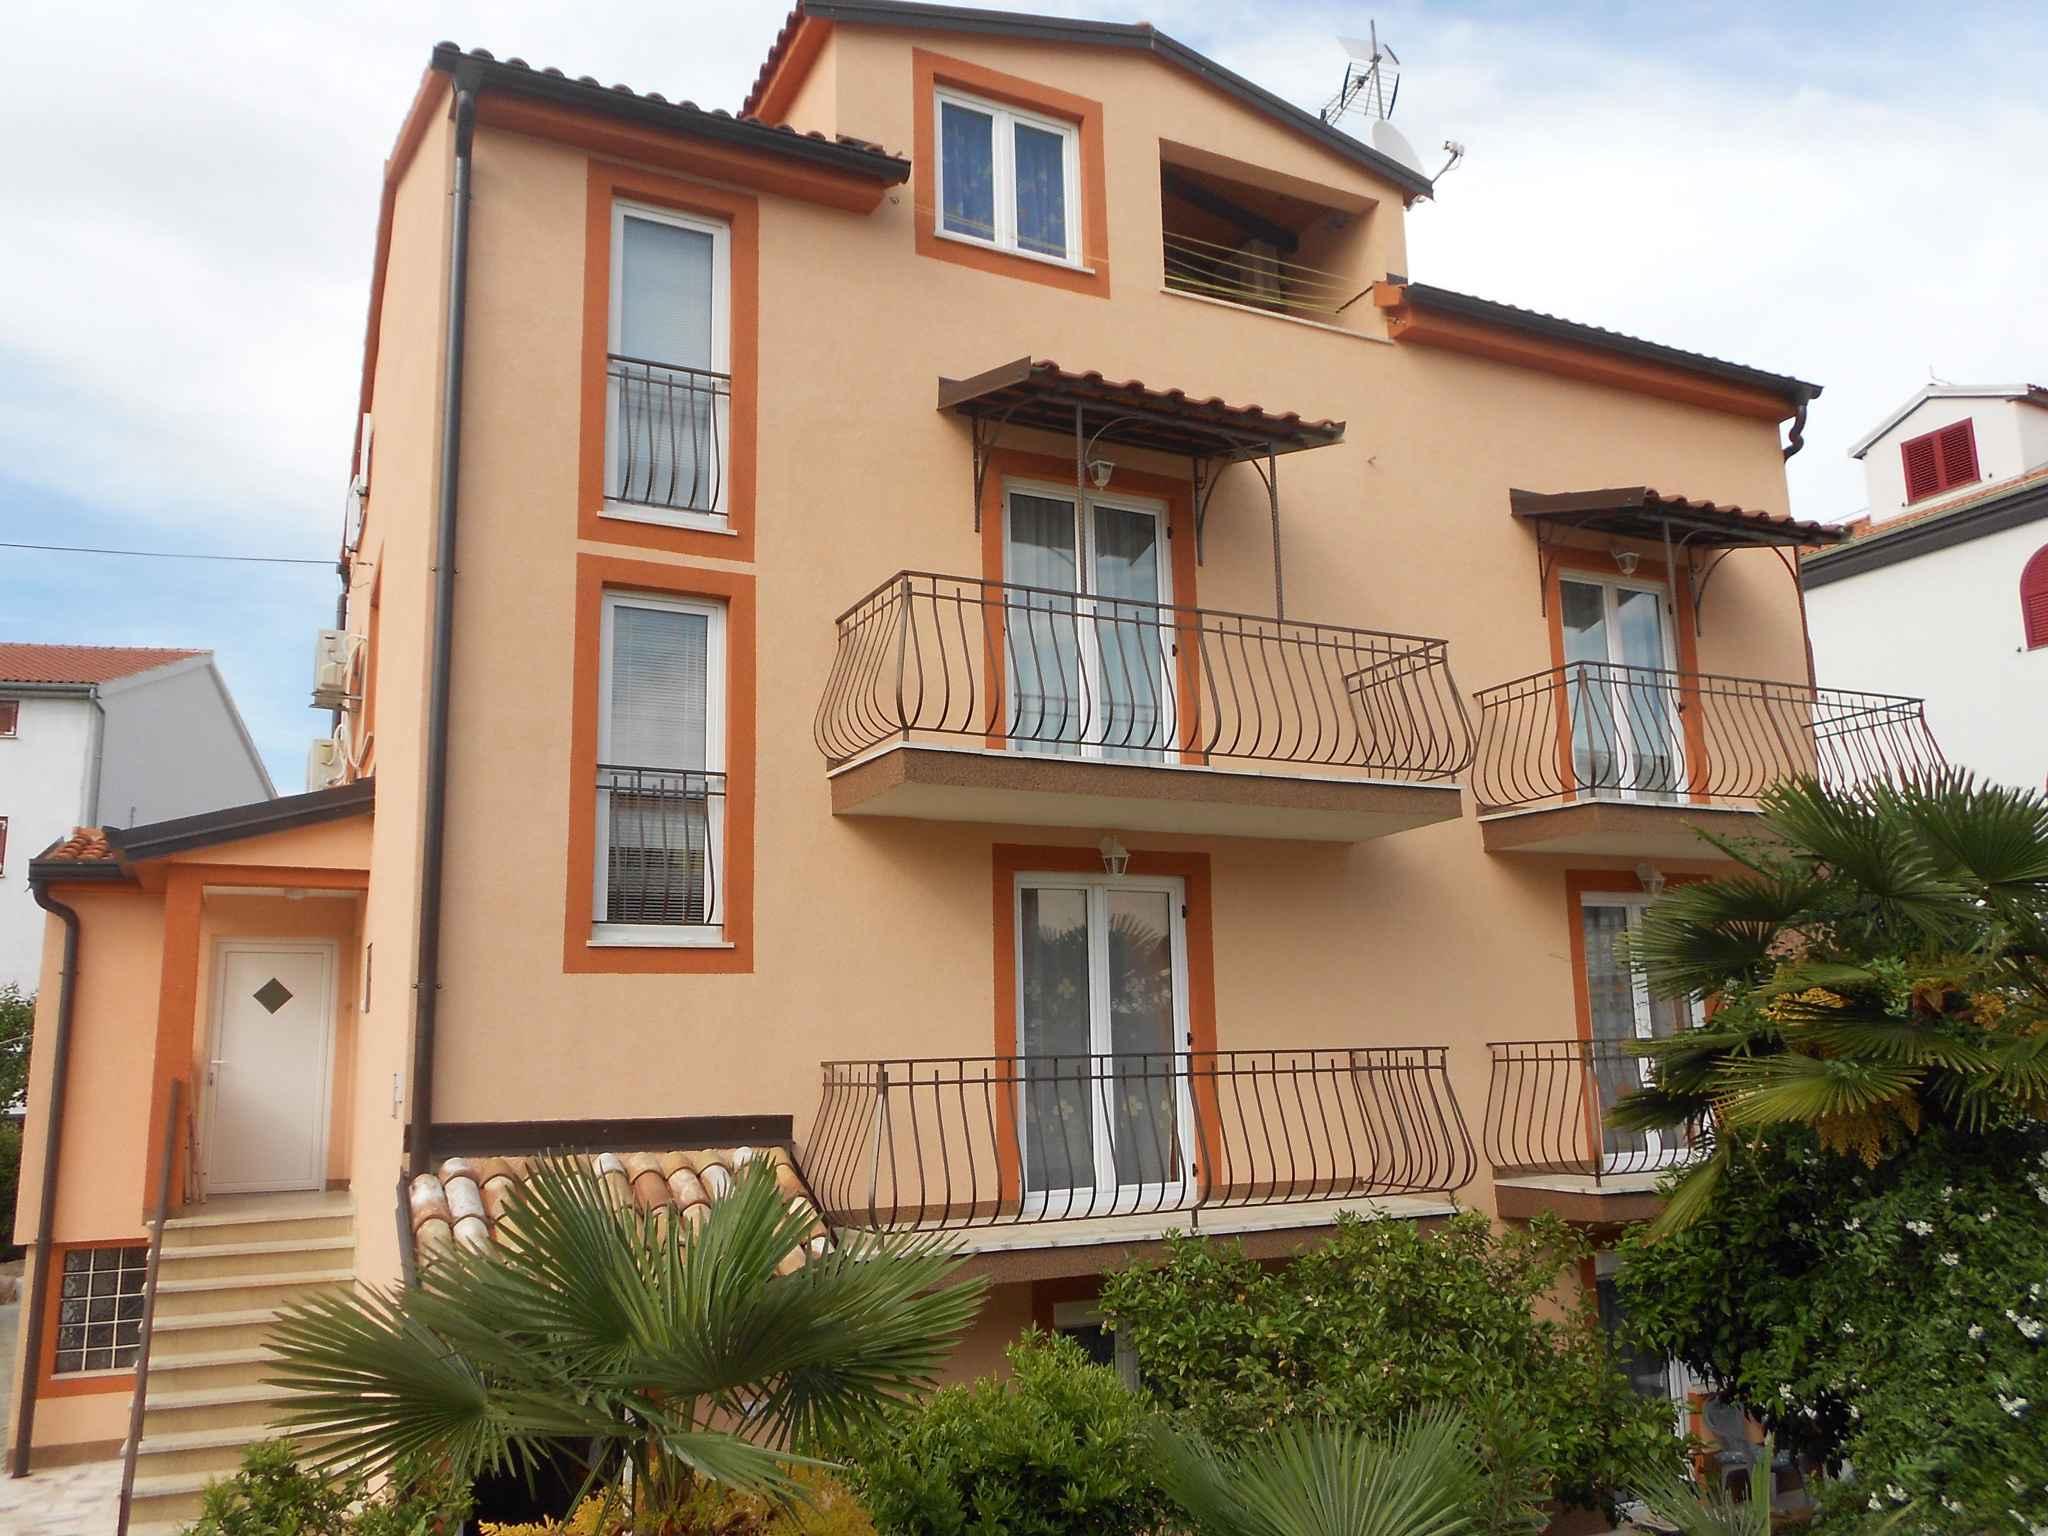 Ferienwohnung mit Terrasse und Klimaanlage (280995), Rovinj, , Istrien, Kroatien, Bild 2